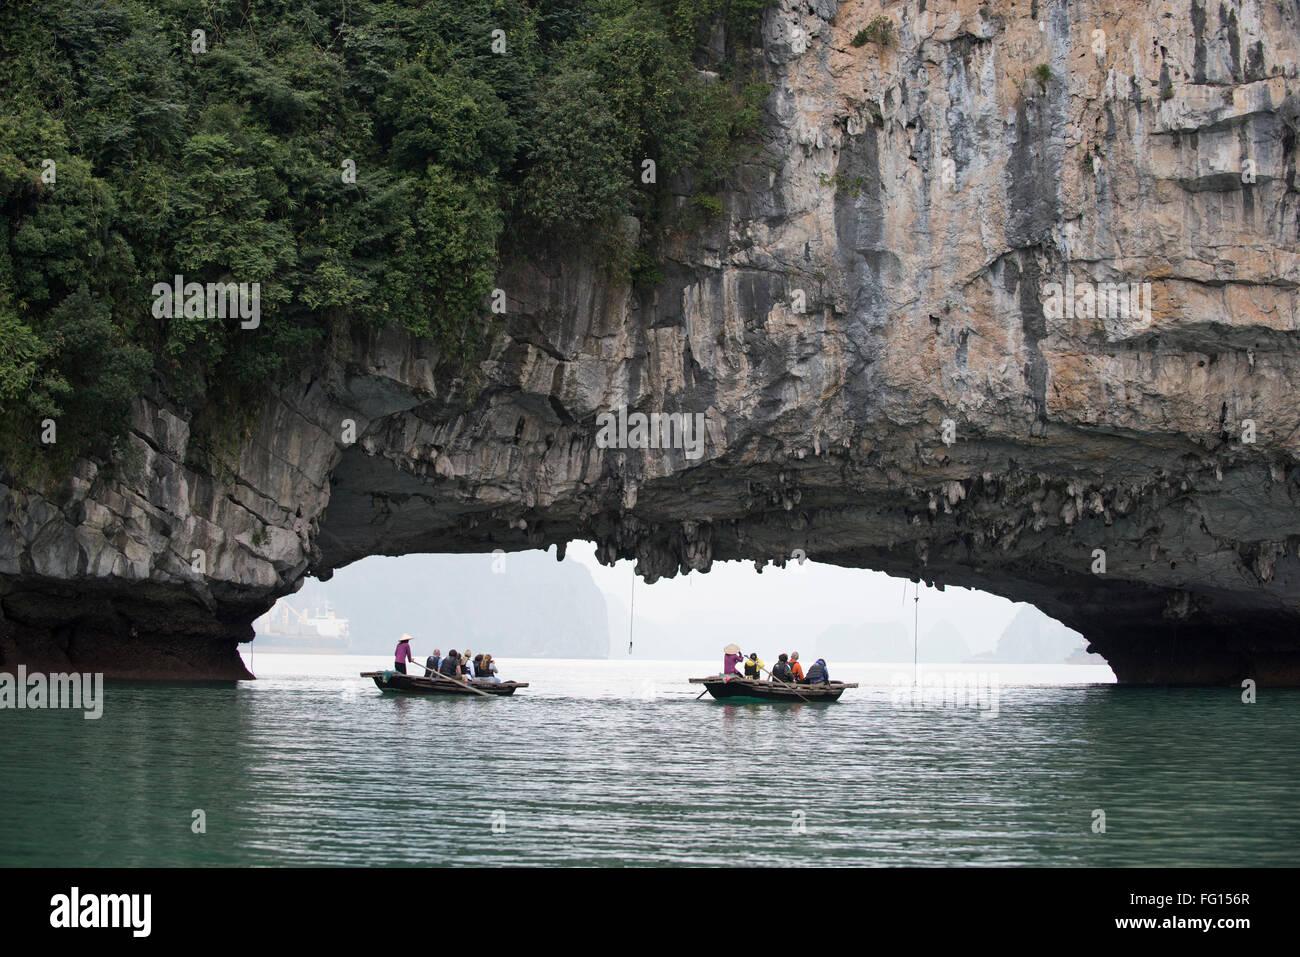 Ausflugsboote Rudern in der Nähe einen Tunnel schneiden am Meer in einem Kalkstein Karst auf Halong-Bucht im Stockbild